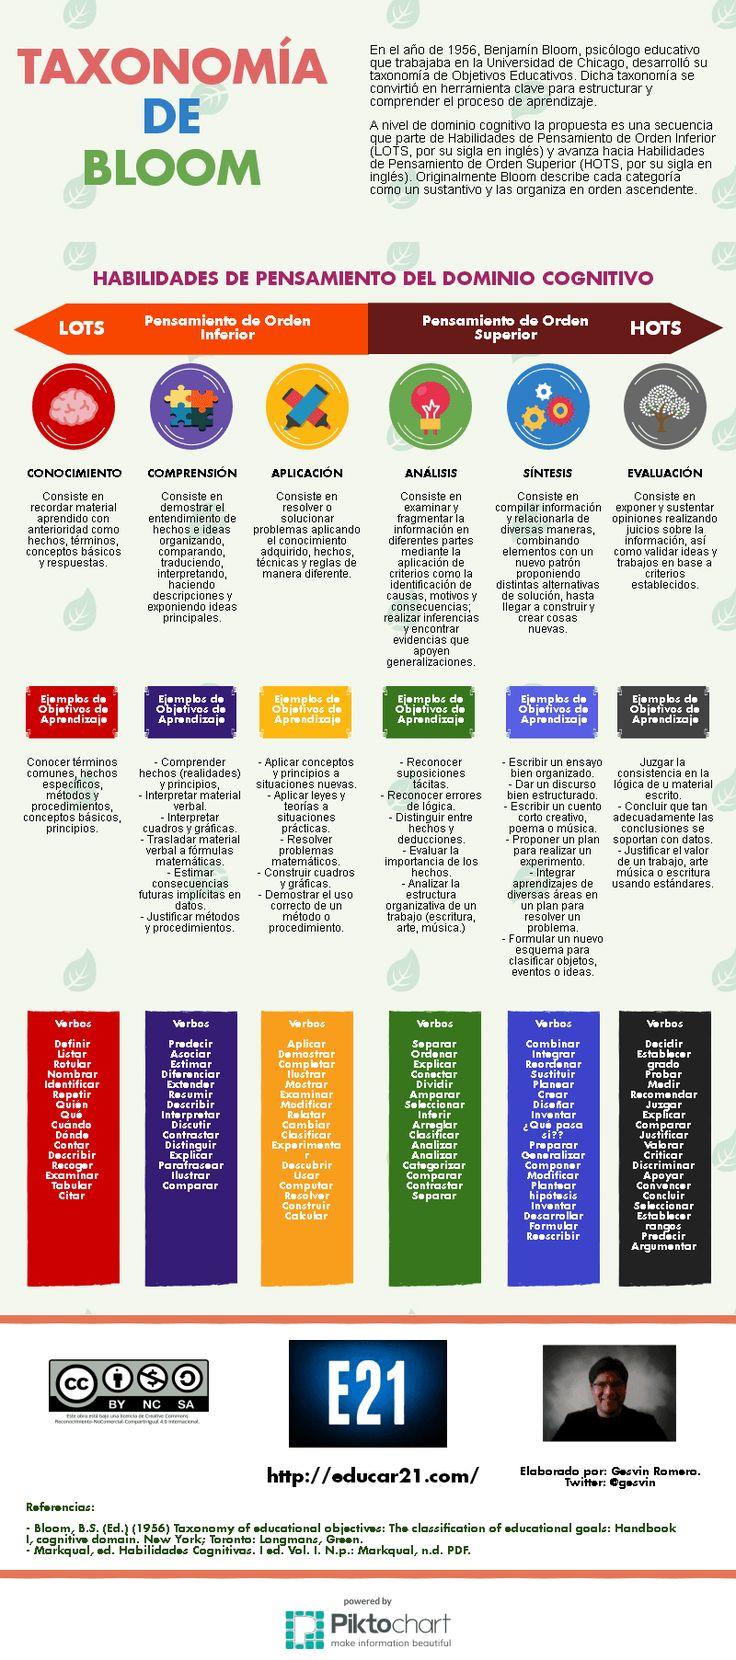 """Hola: Compartimos una interesante infografía sobre """"Taxonomía de Bloom – Habilidades, Objetivos y Verbos"""" Un gran saludo.  Visto en: educar21.com  También debería revisar: T…"""